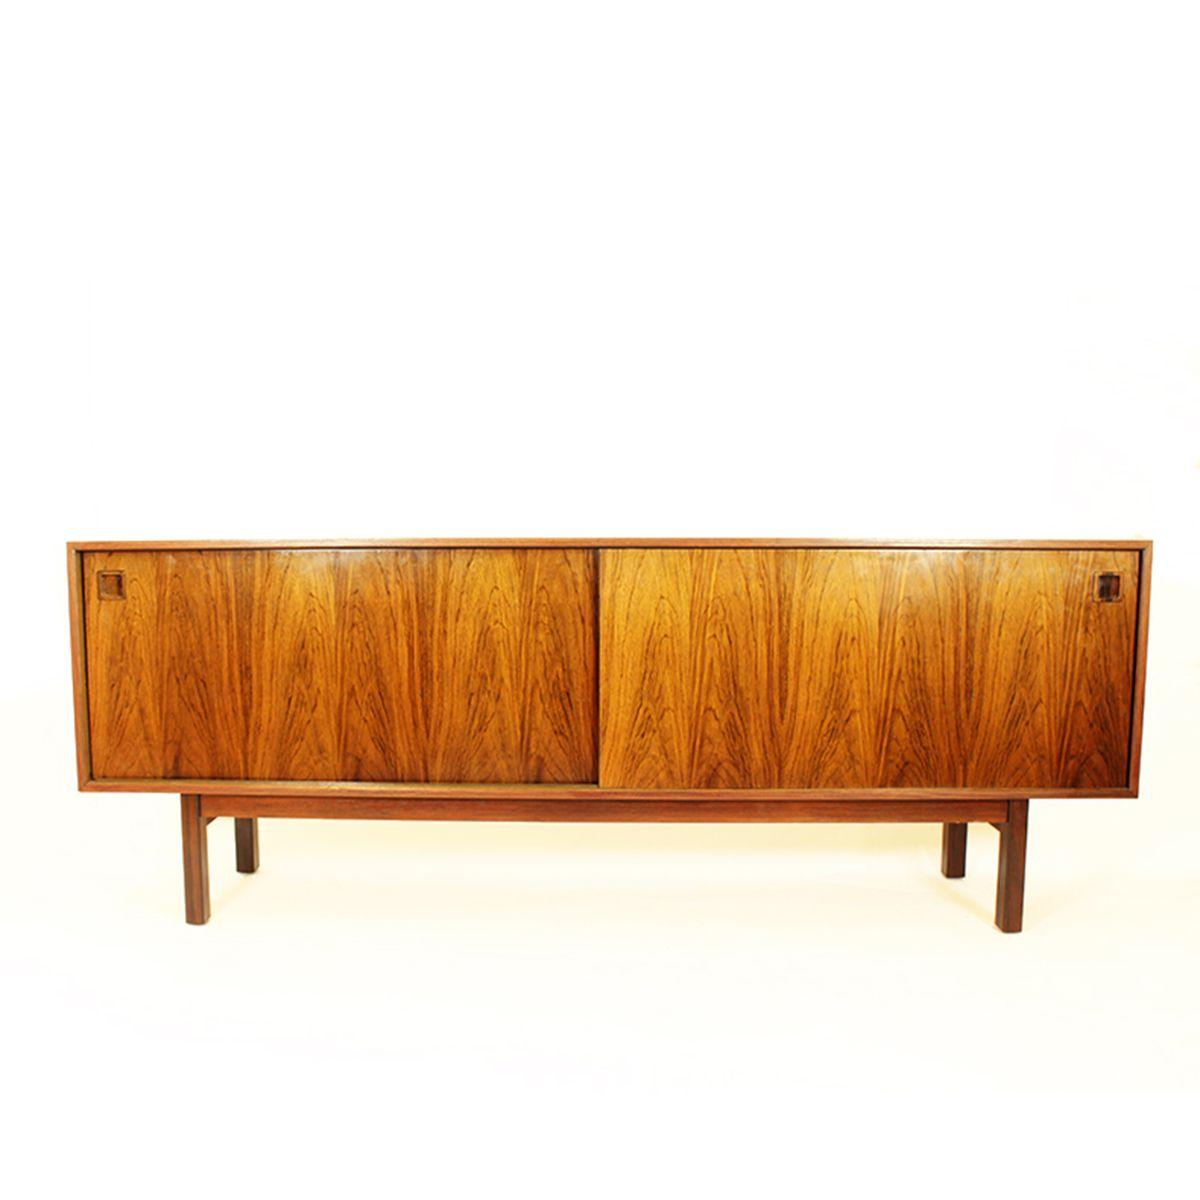 d nisches palisander sideboard mit schiebet ren von omann. Black Bedroom Furniture Sets. Home Design Ideas